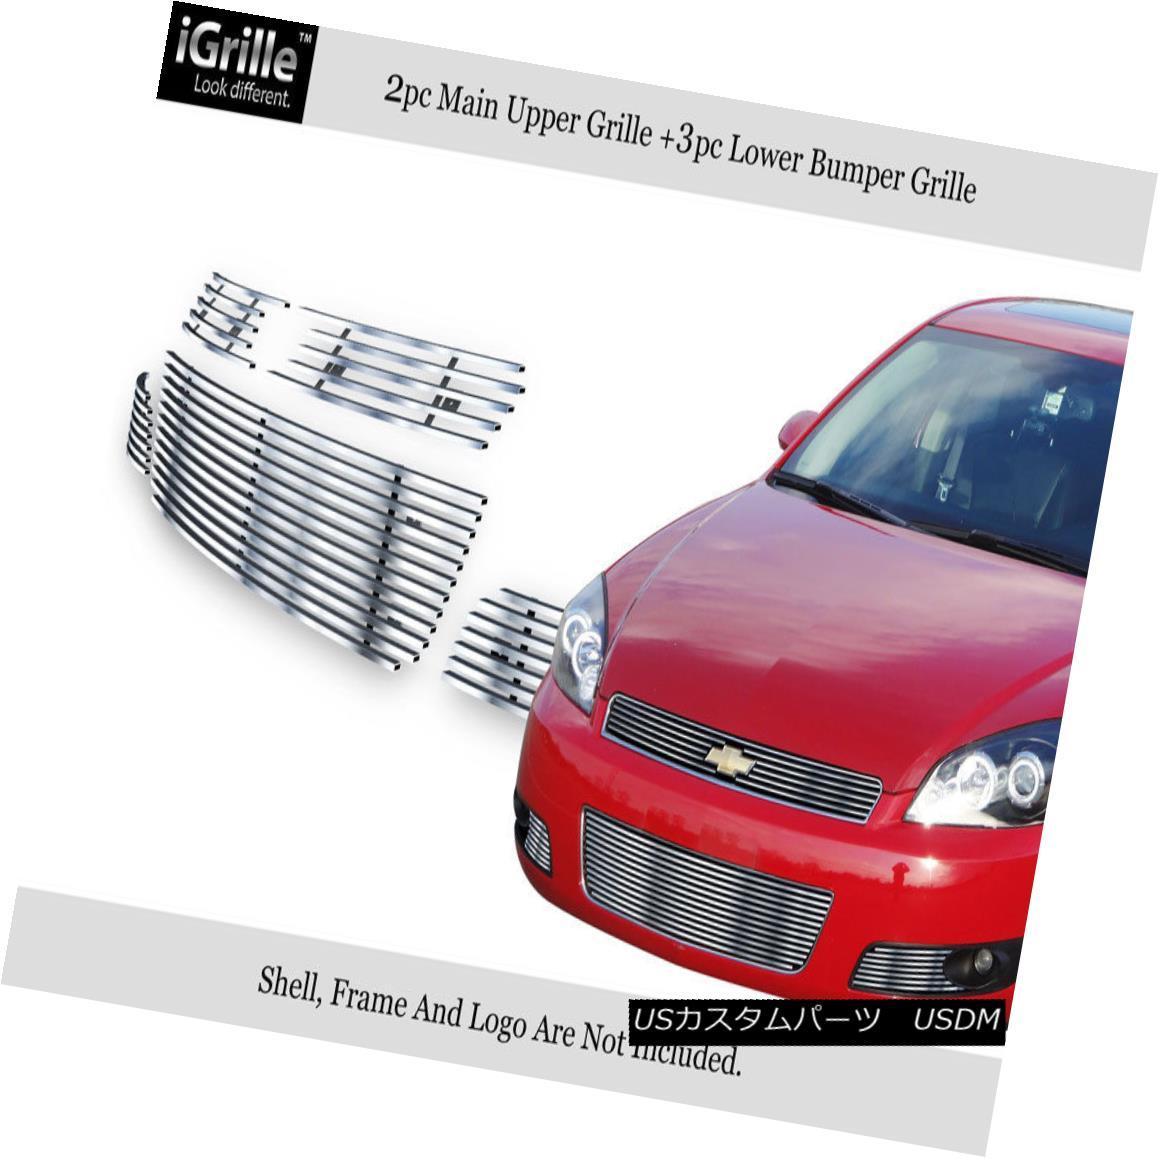 グリル Fits 2006-2011 Chevy Impala 304 Stainless Steel Billet Grille Combo フィット2006年から2011年シボレーインパラ304ステンレス鋼ビレットグリルコンボ